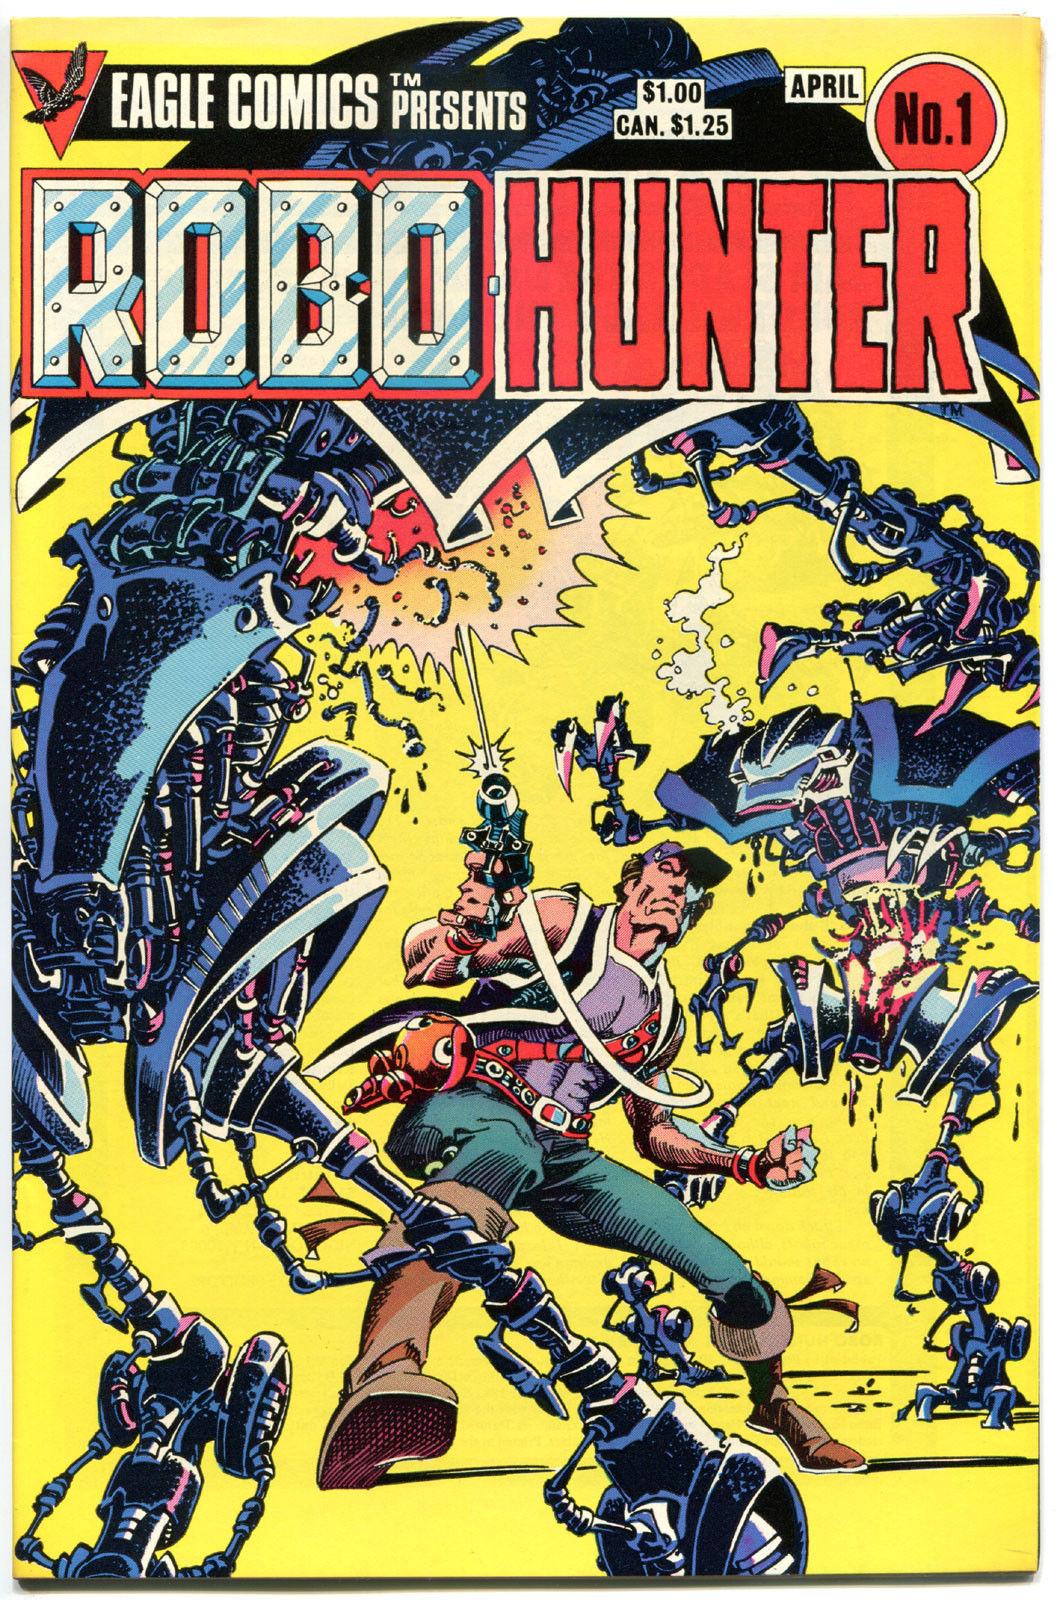 ROBO-HUNTER #1 2 3 4, VF/NM, Robots, John Wagner, Eagle, 1984, Sam Slade, Killer